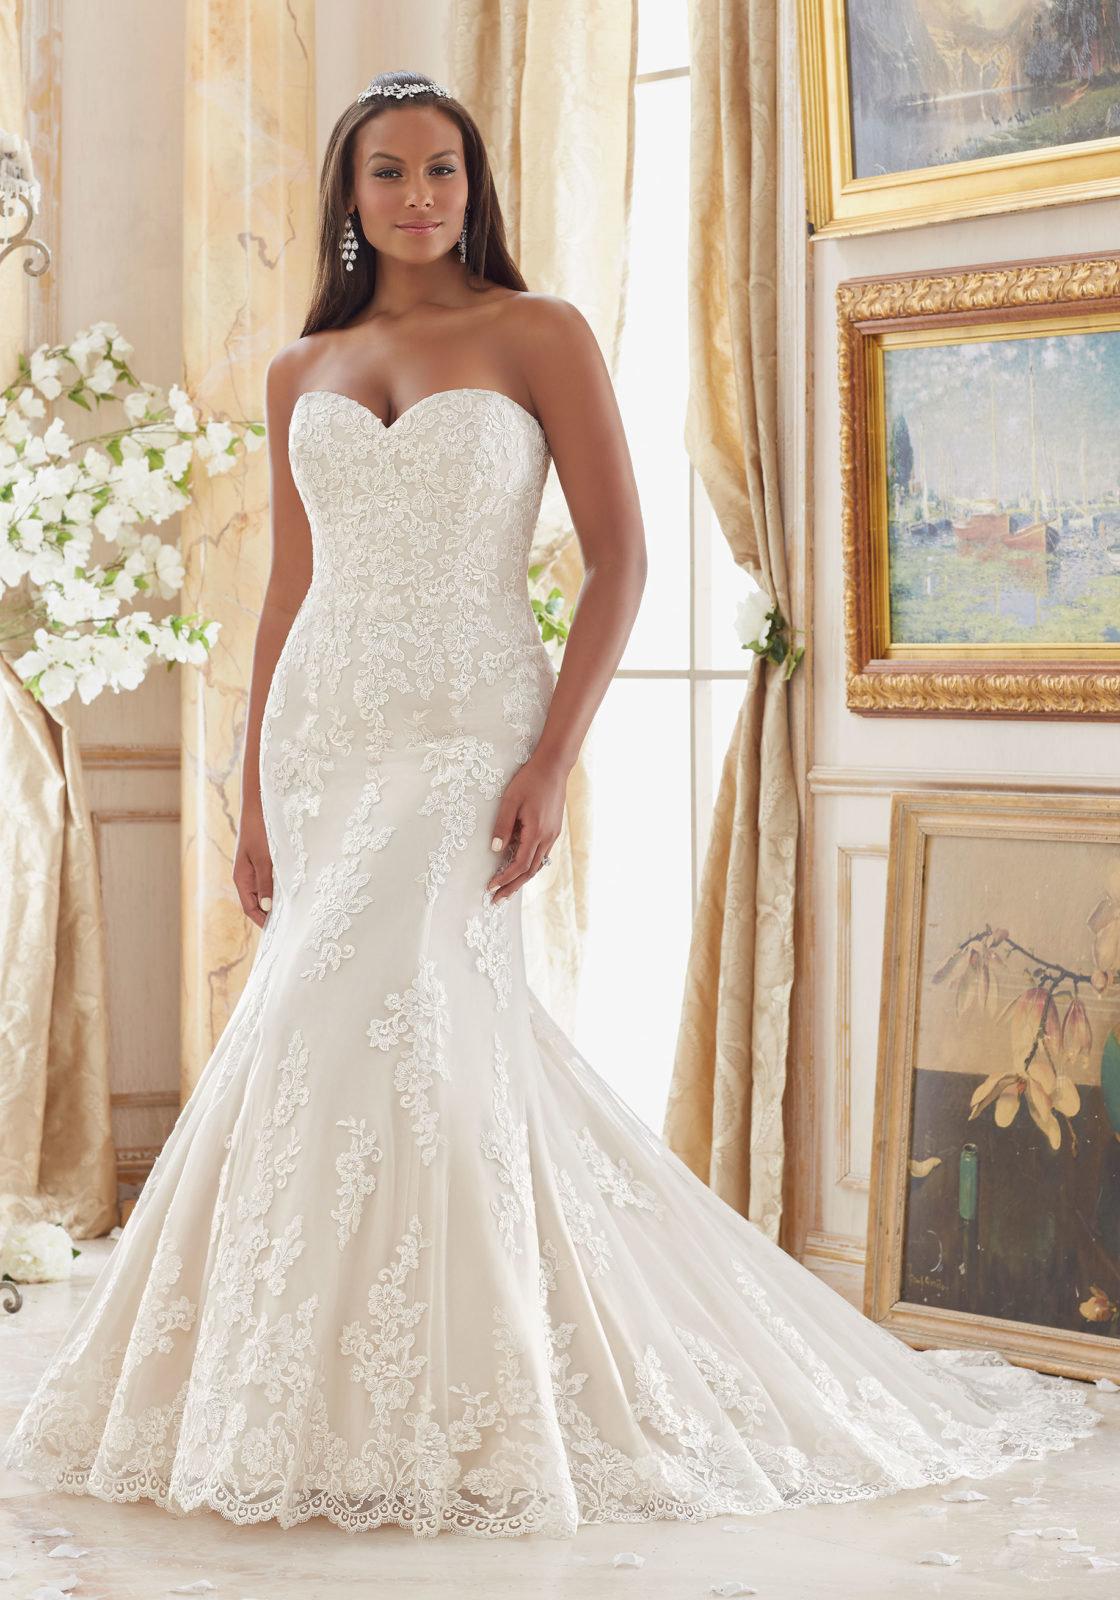 личной свадебные платья на маленький рост картинки жалко, что